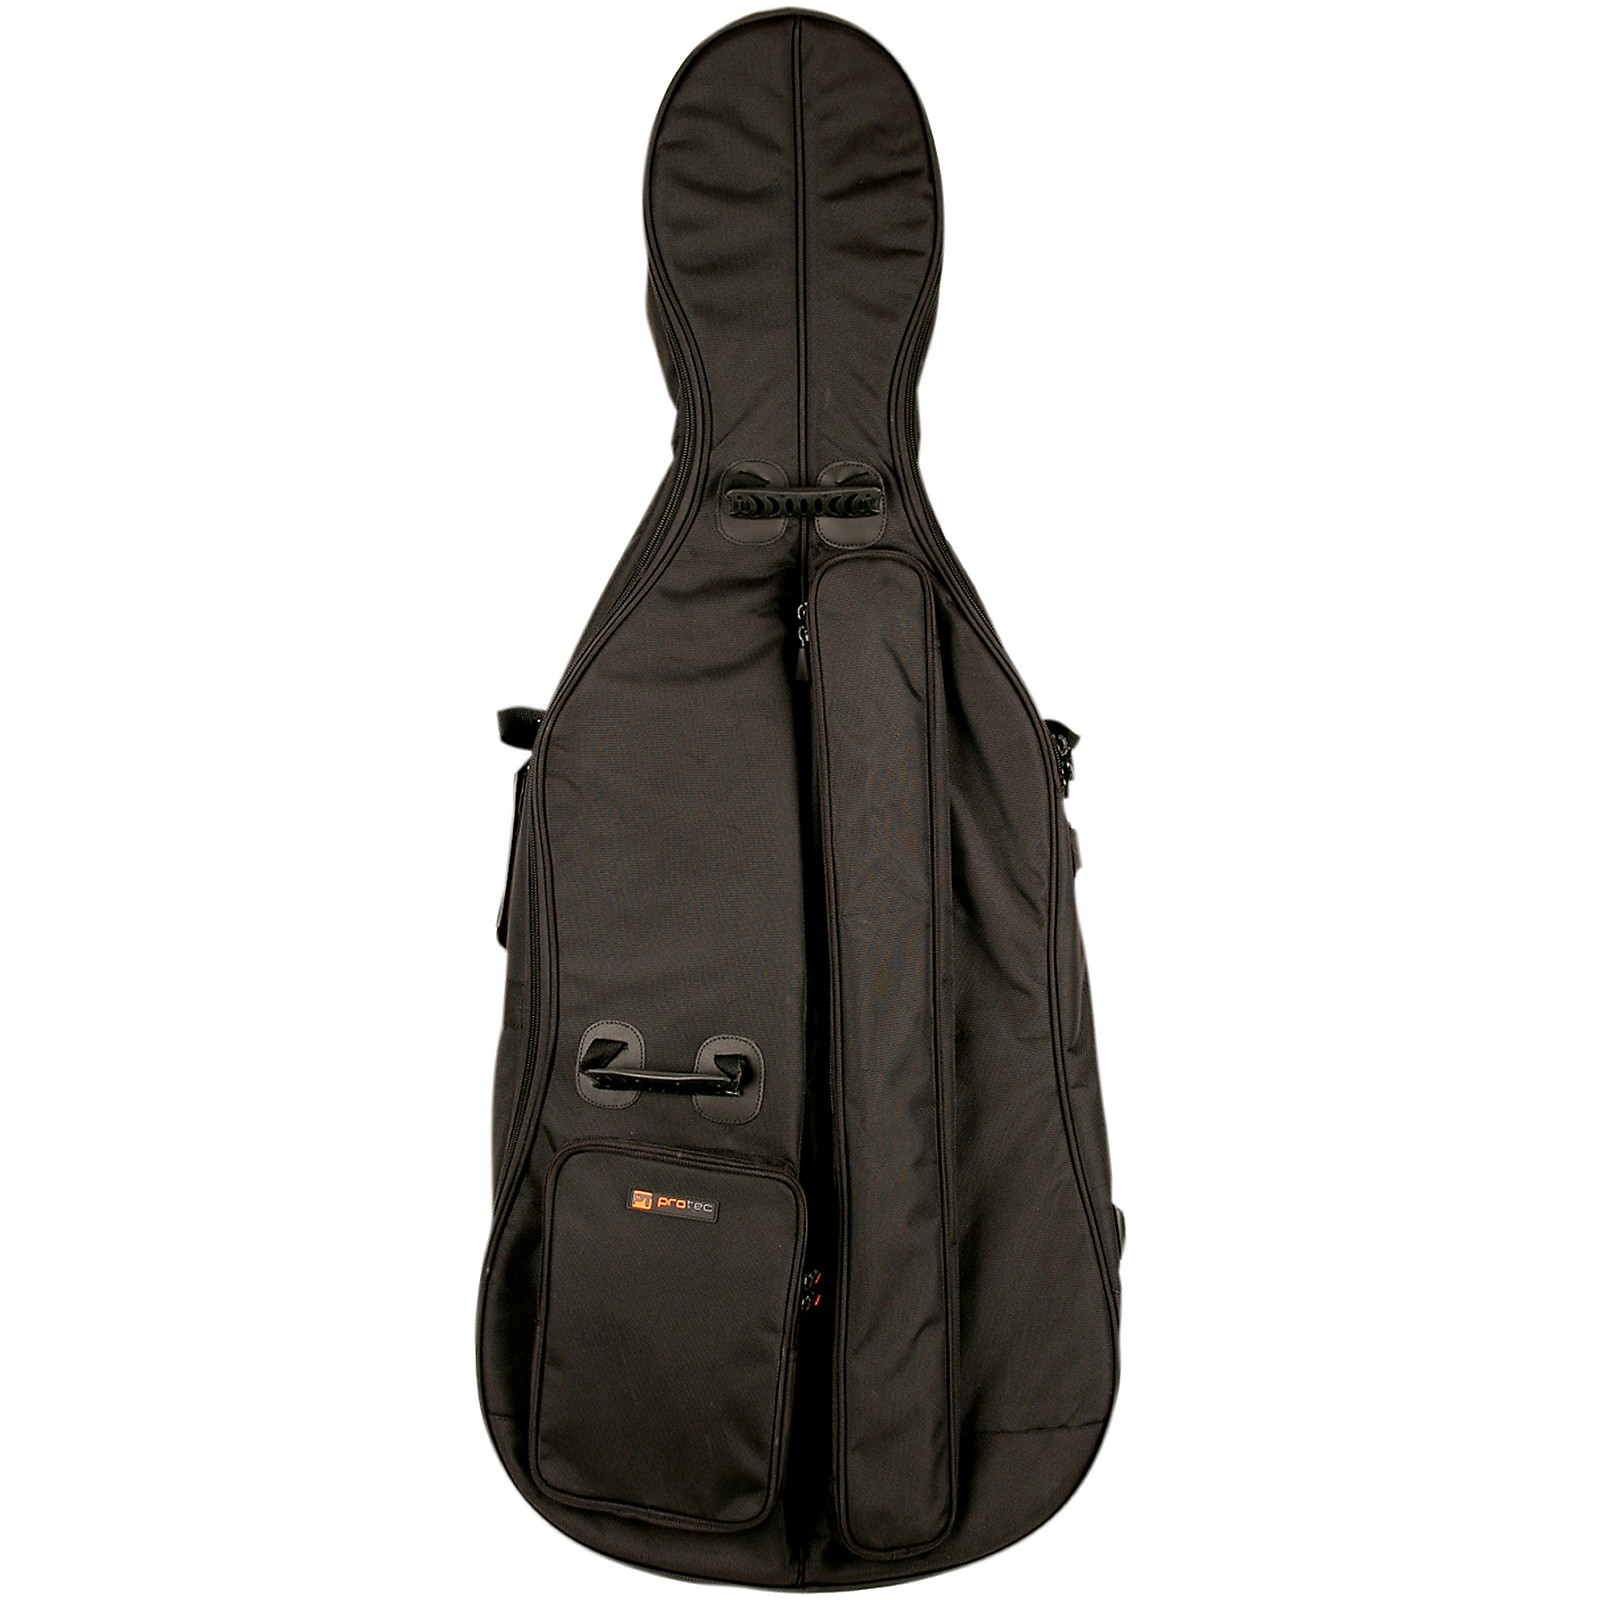 Protec 4/4 Cello Gig Bag - Gold Series